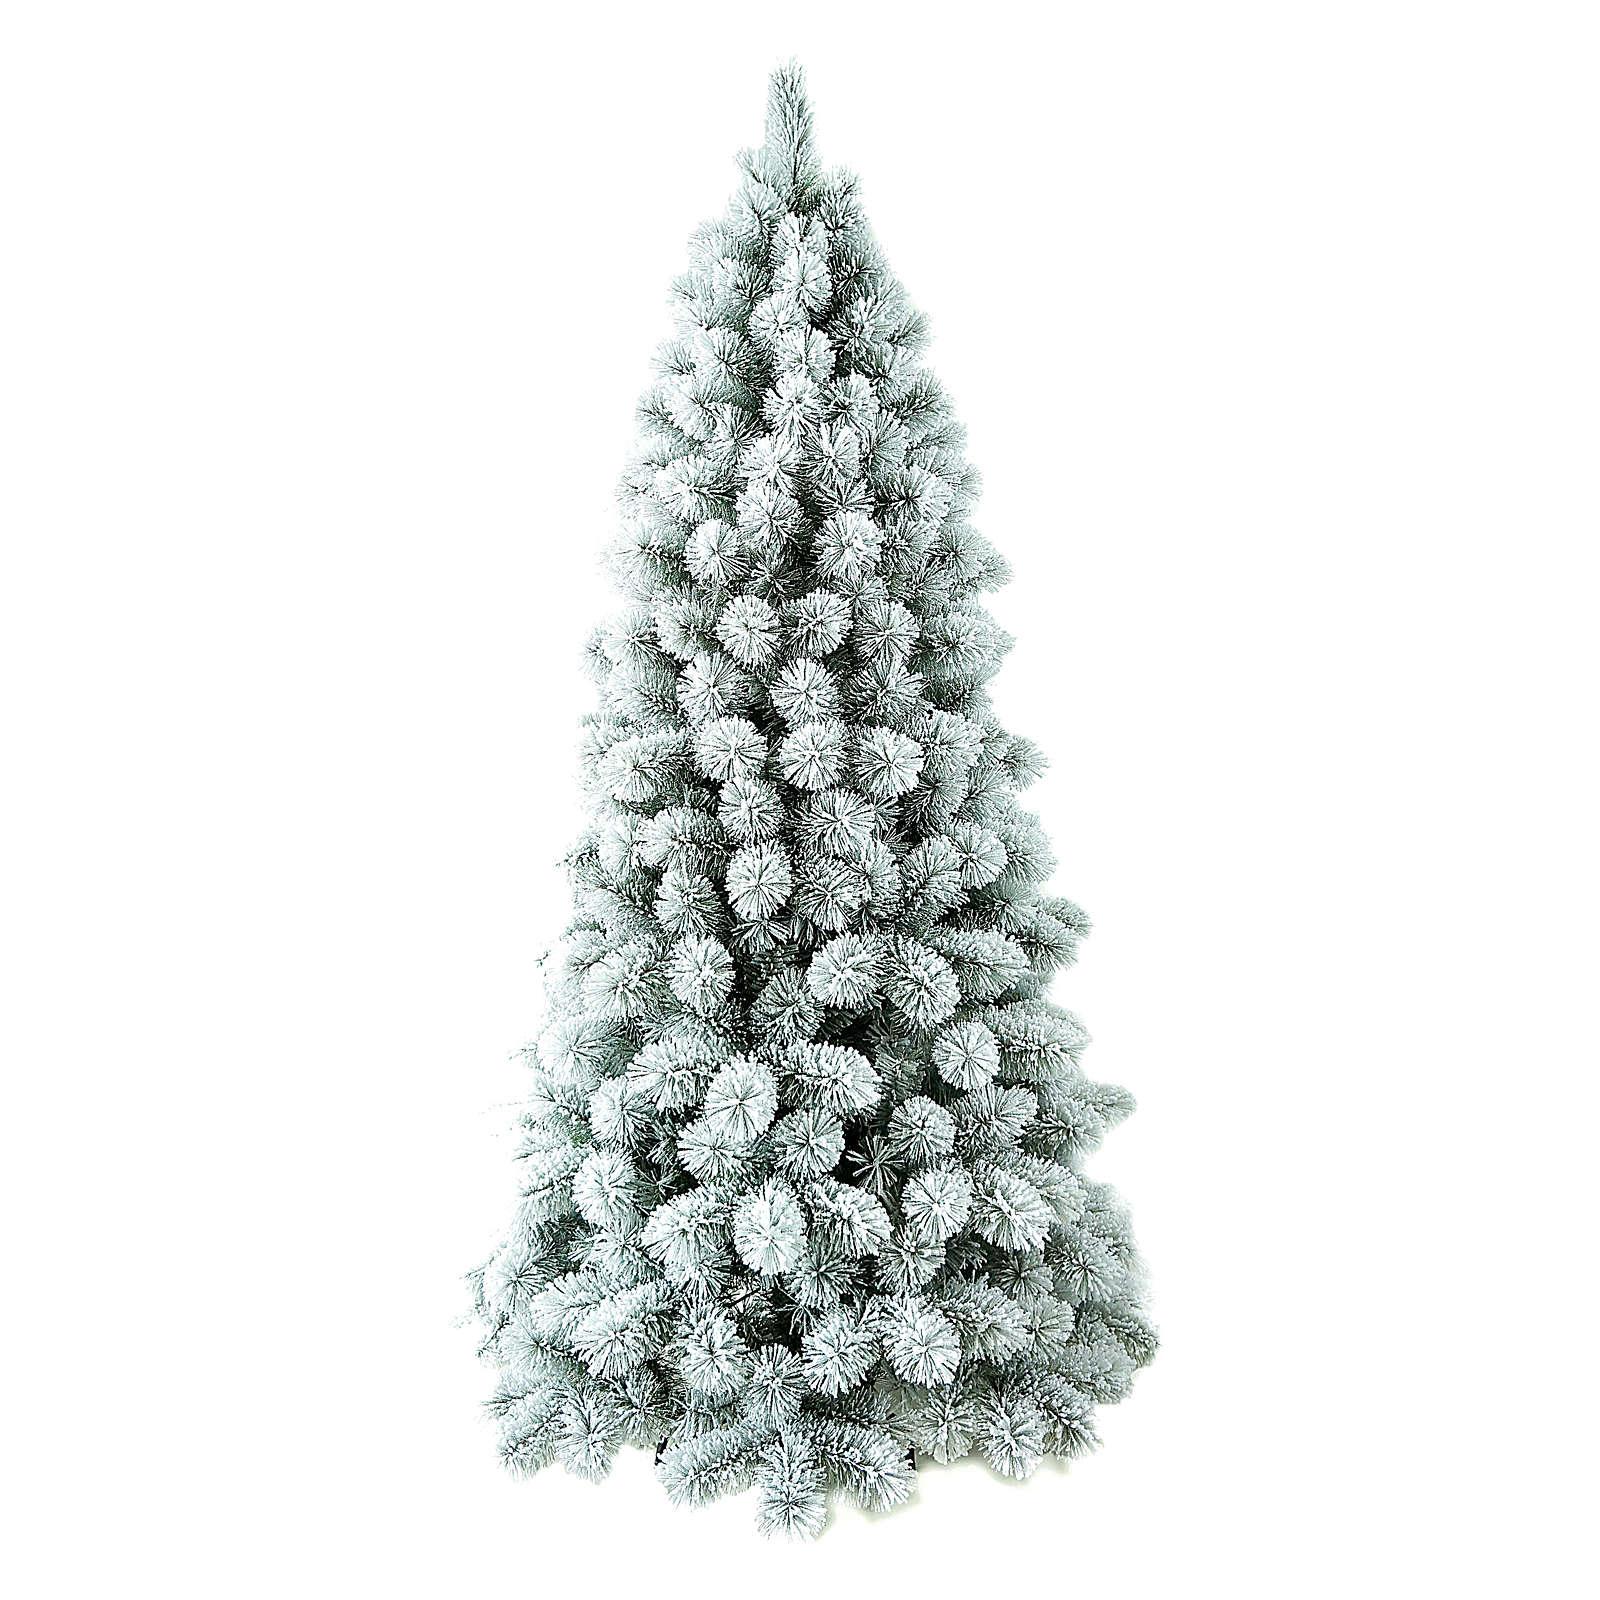 Árbol de Navidad 300 cm Flocado Pvc Nordend Winter Woodland 3